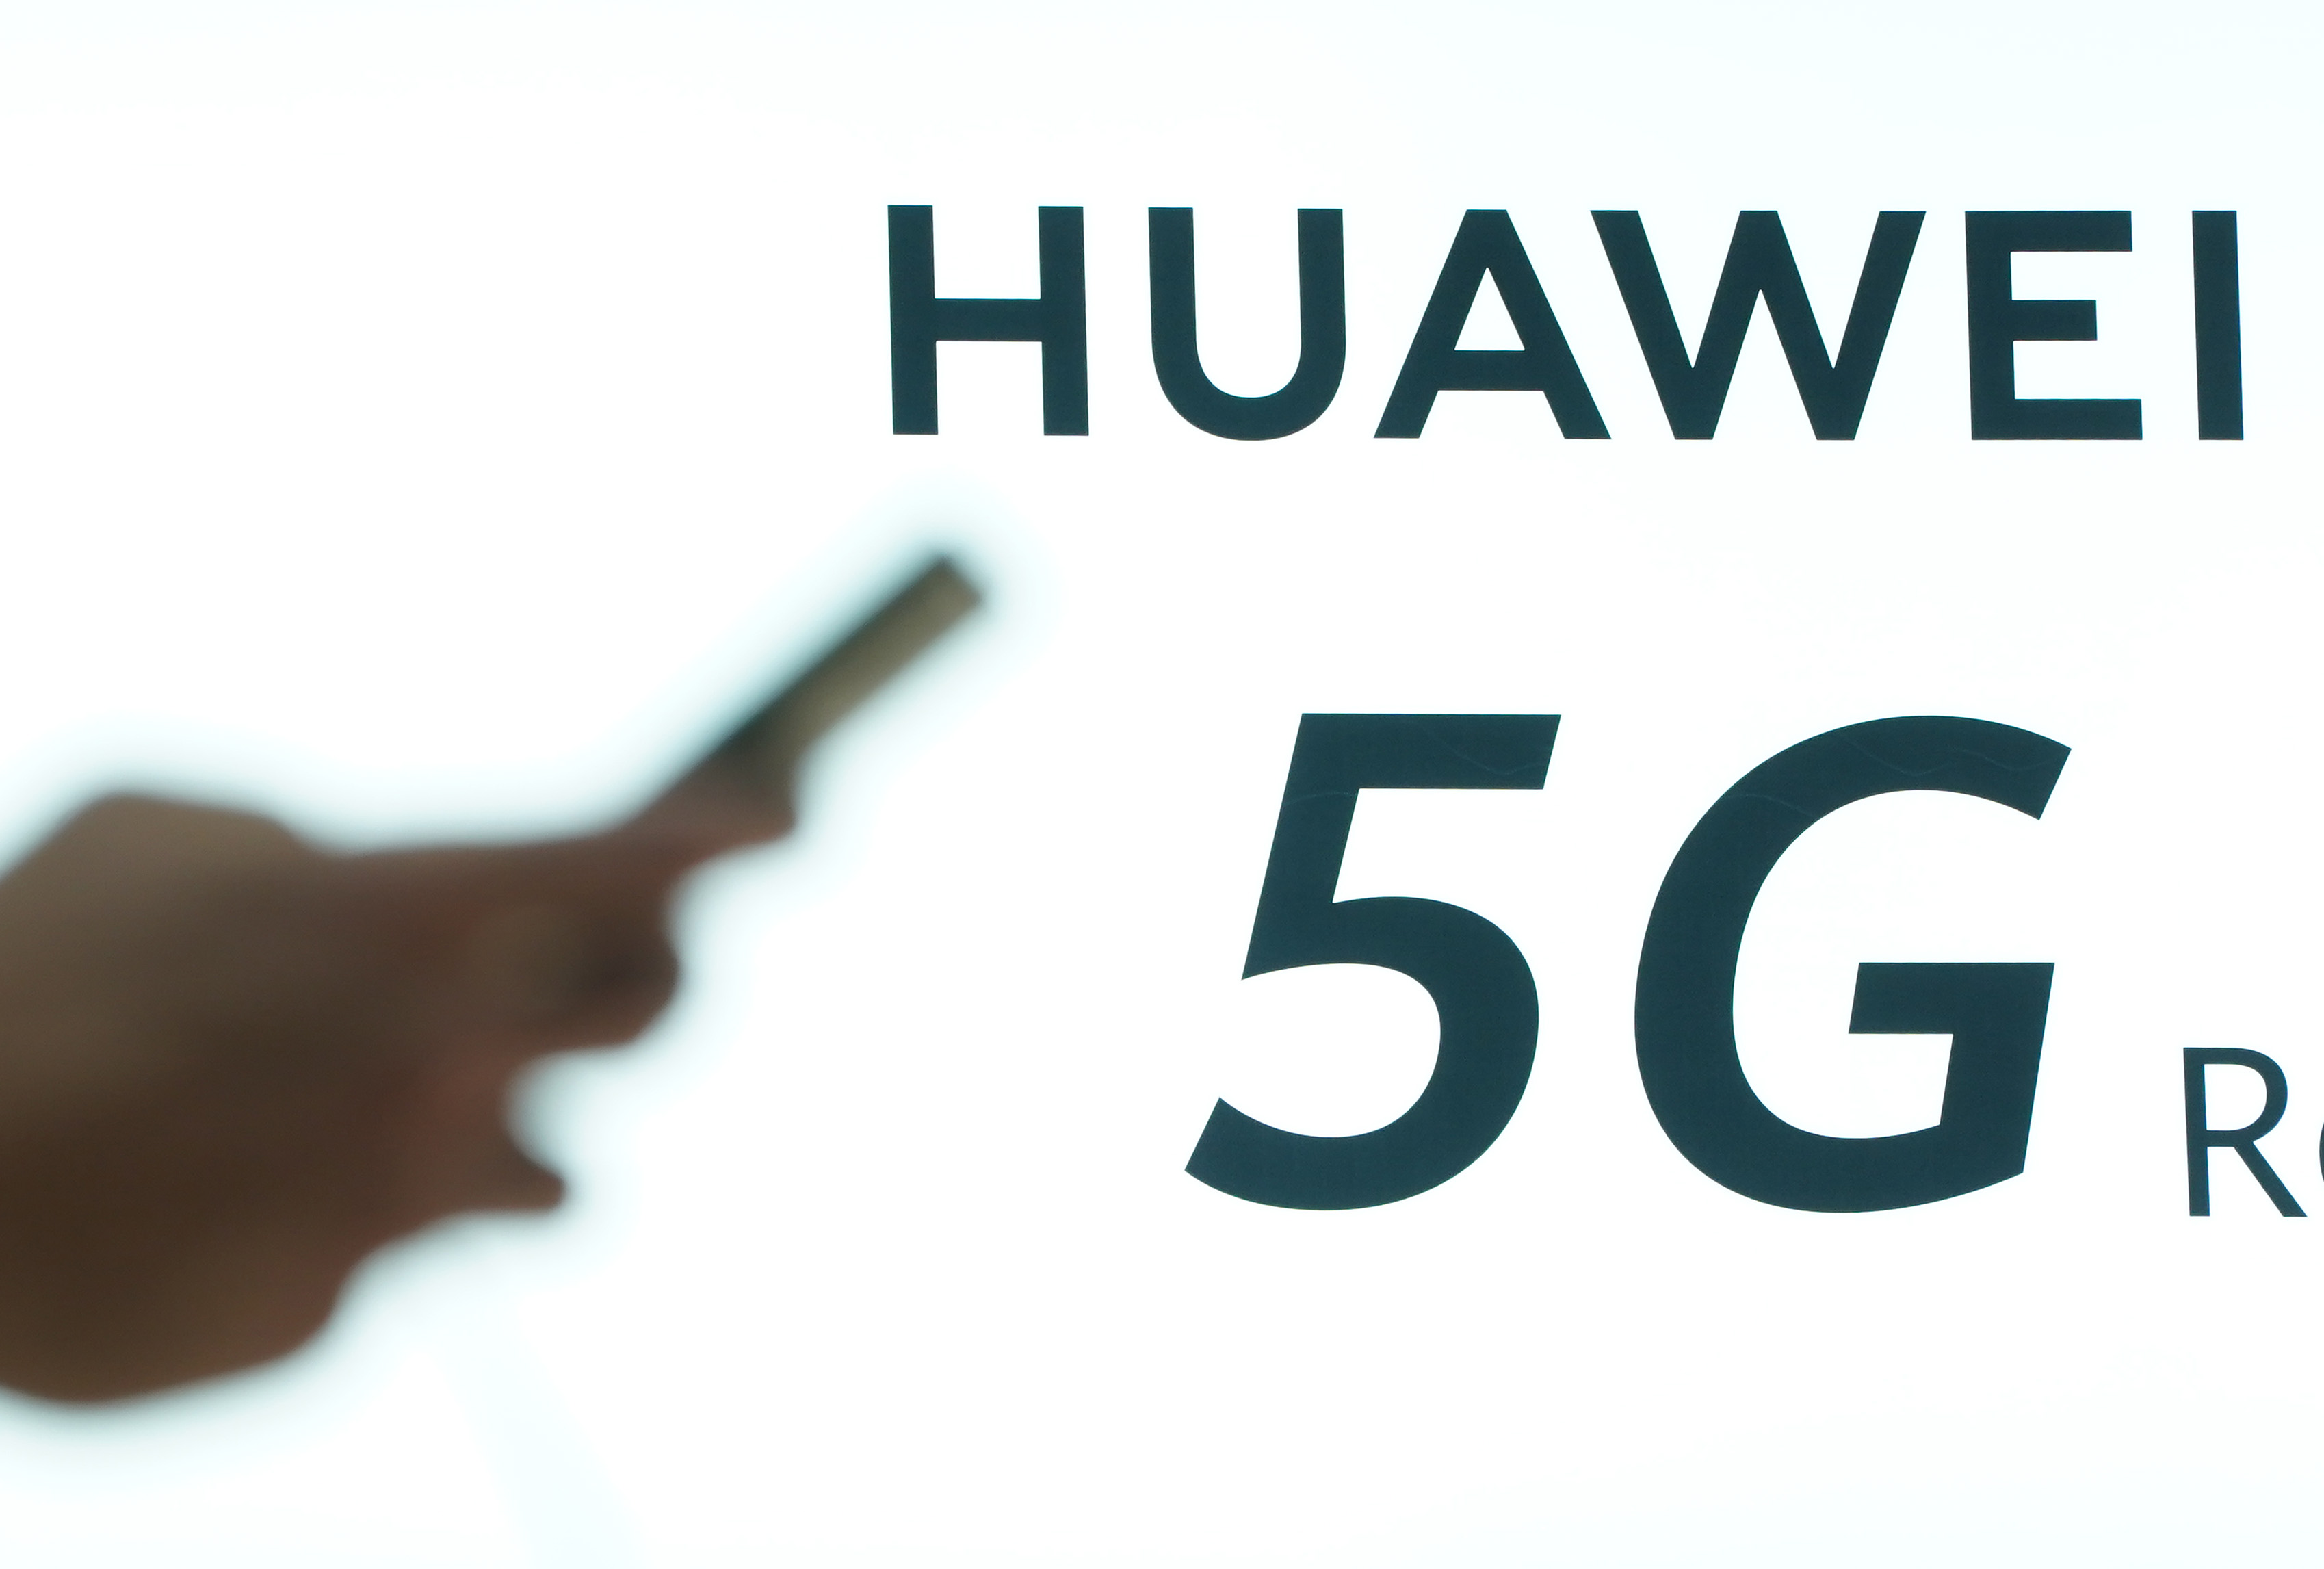 華為在澳收入將跌逾5億 專家讚5G禁令明智